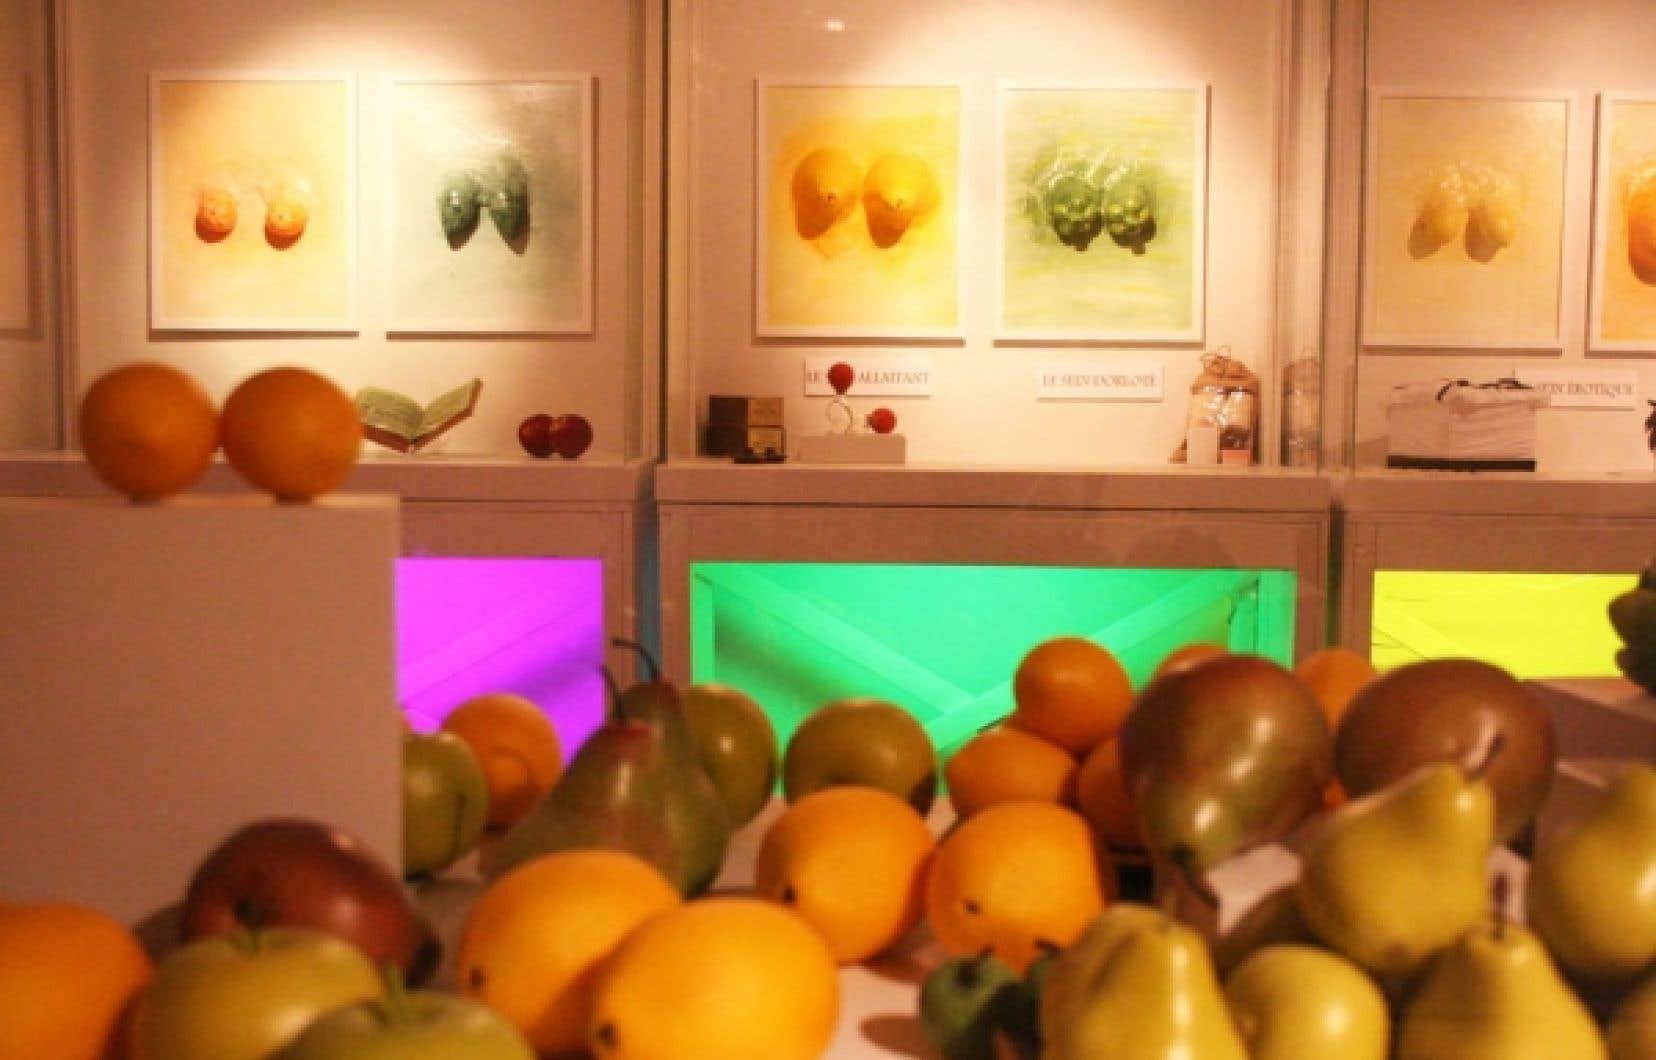 La poitrine est représentée par des fruits dans les œuvres accrochées au mur. <br />